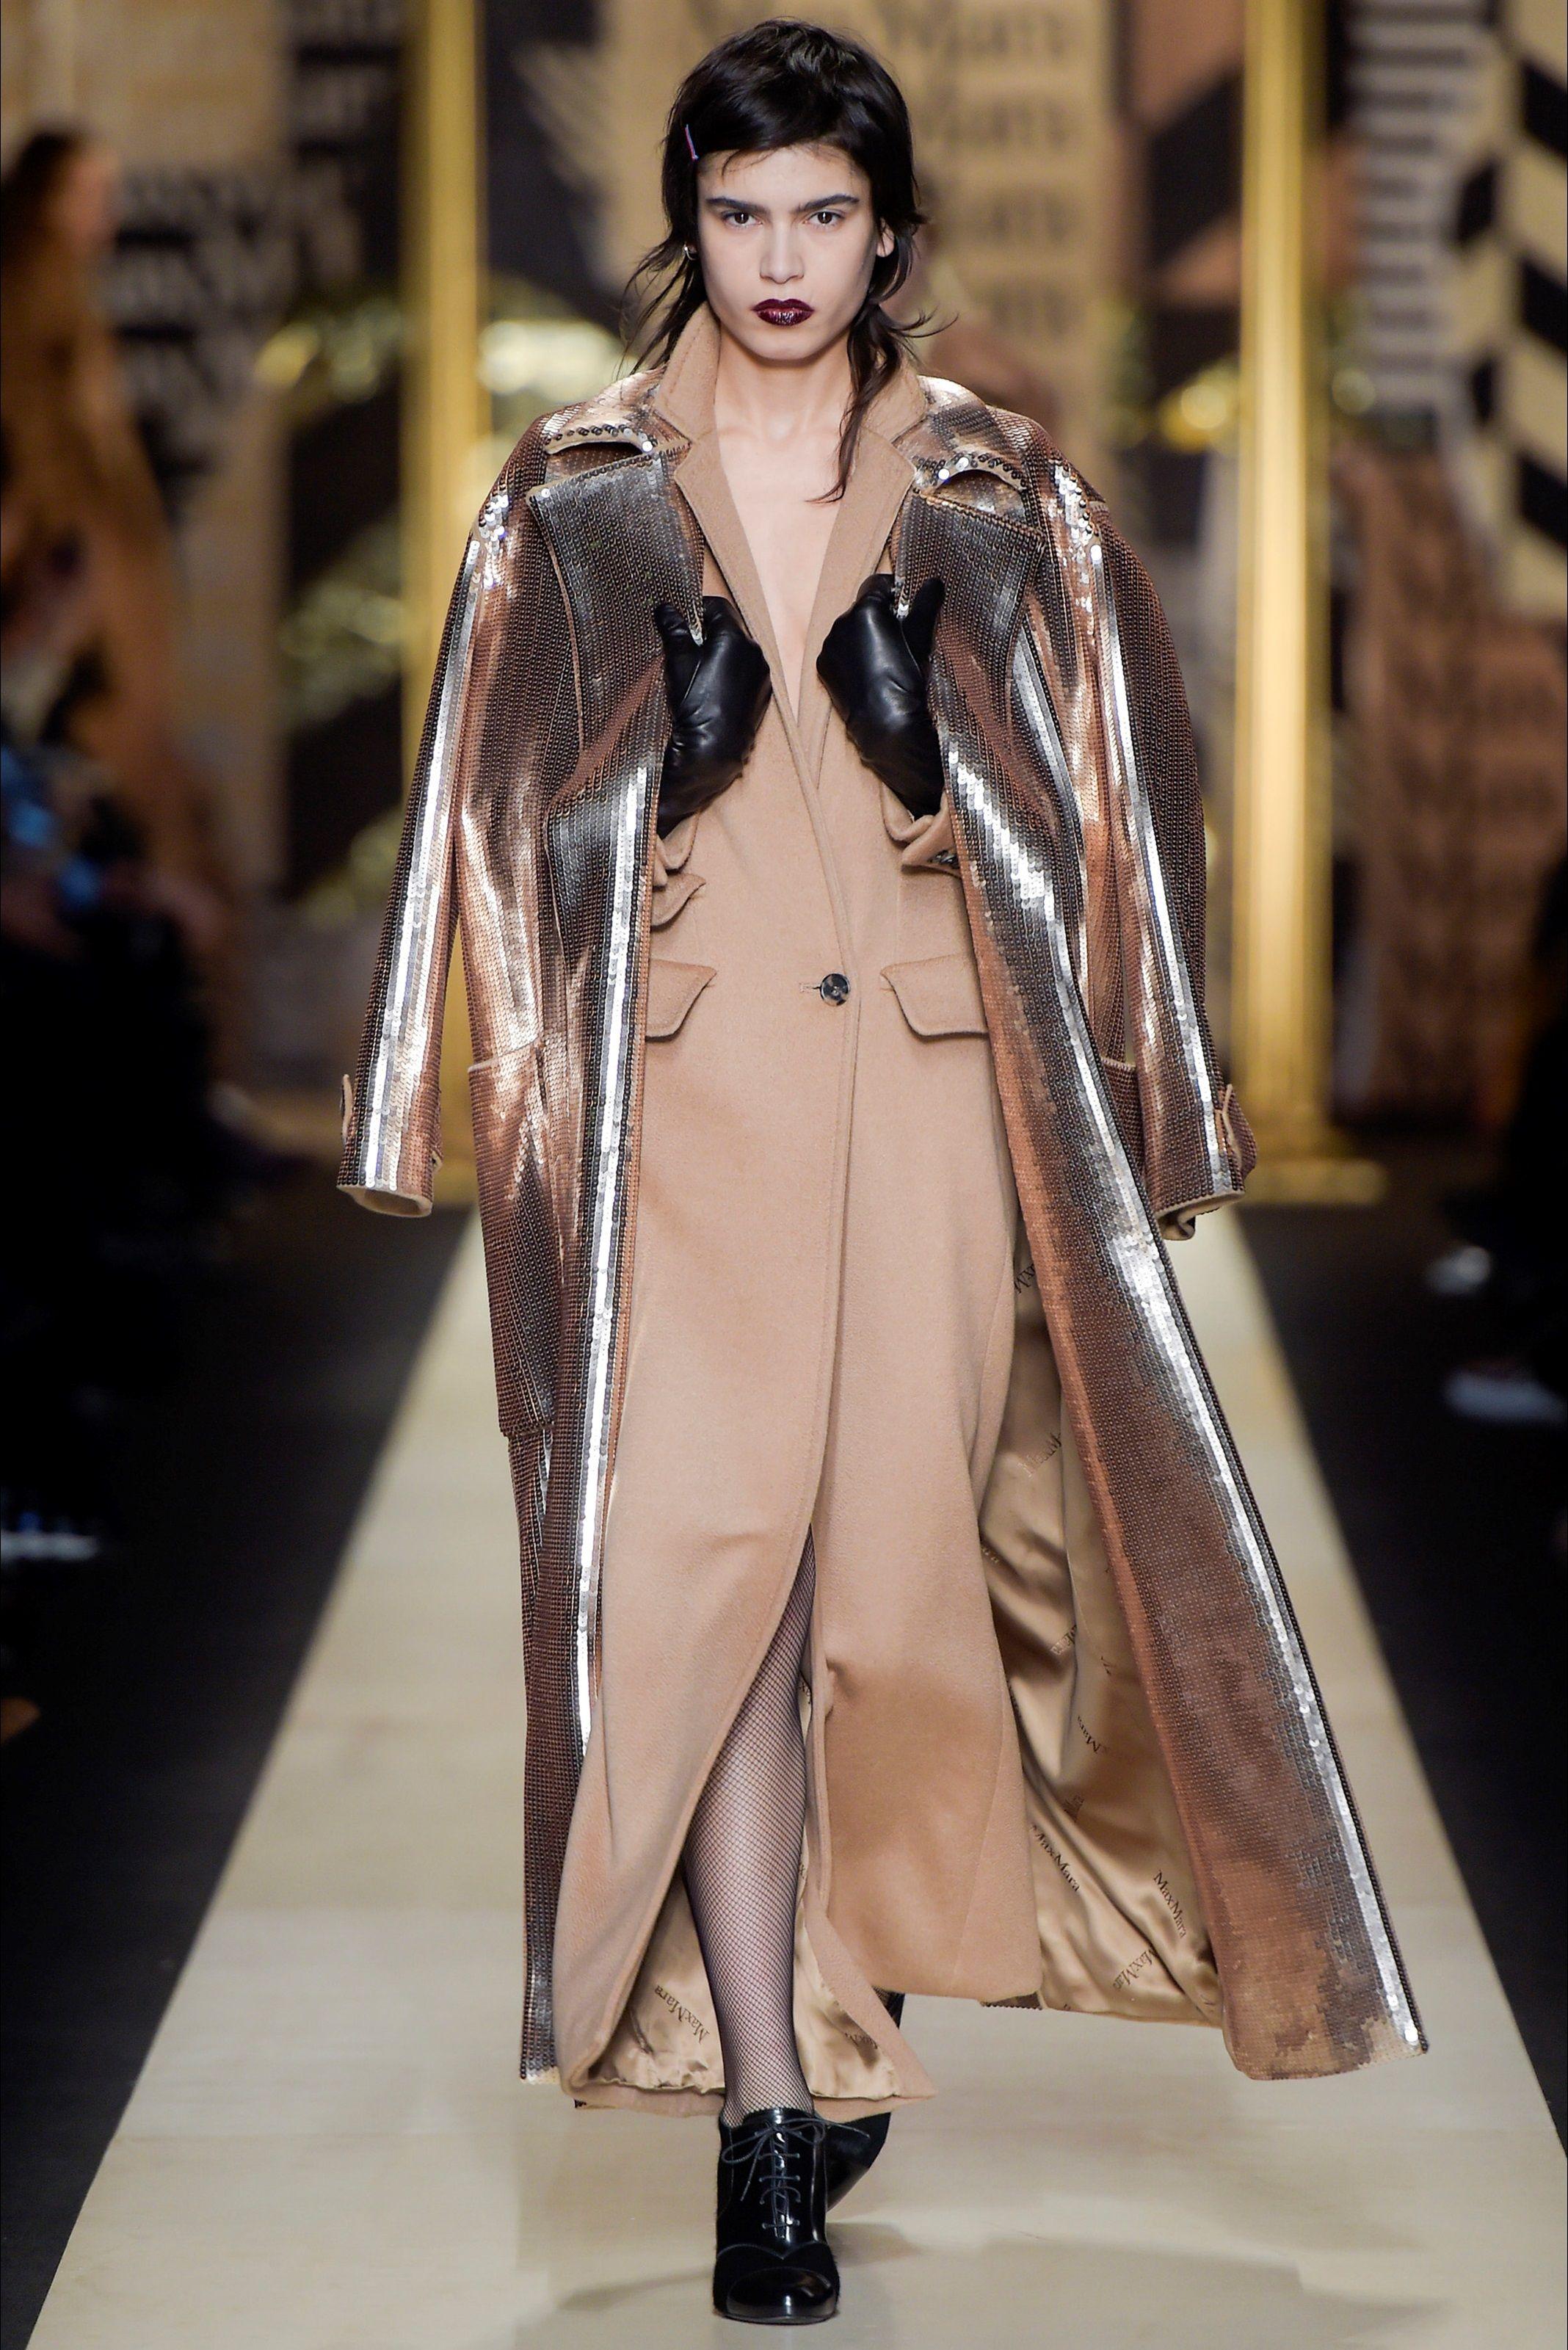 a07ae742f4c6 Sfilata Max Mara Milano - Collezioni Autunno Inverno 2016-17 - Vogue ...